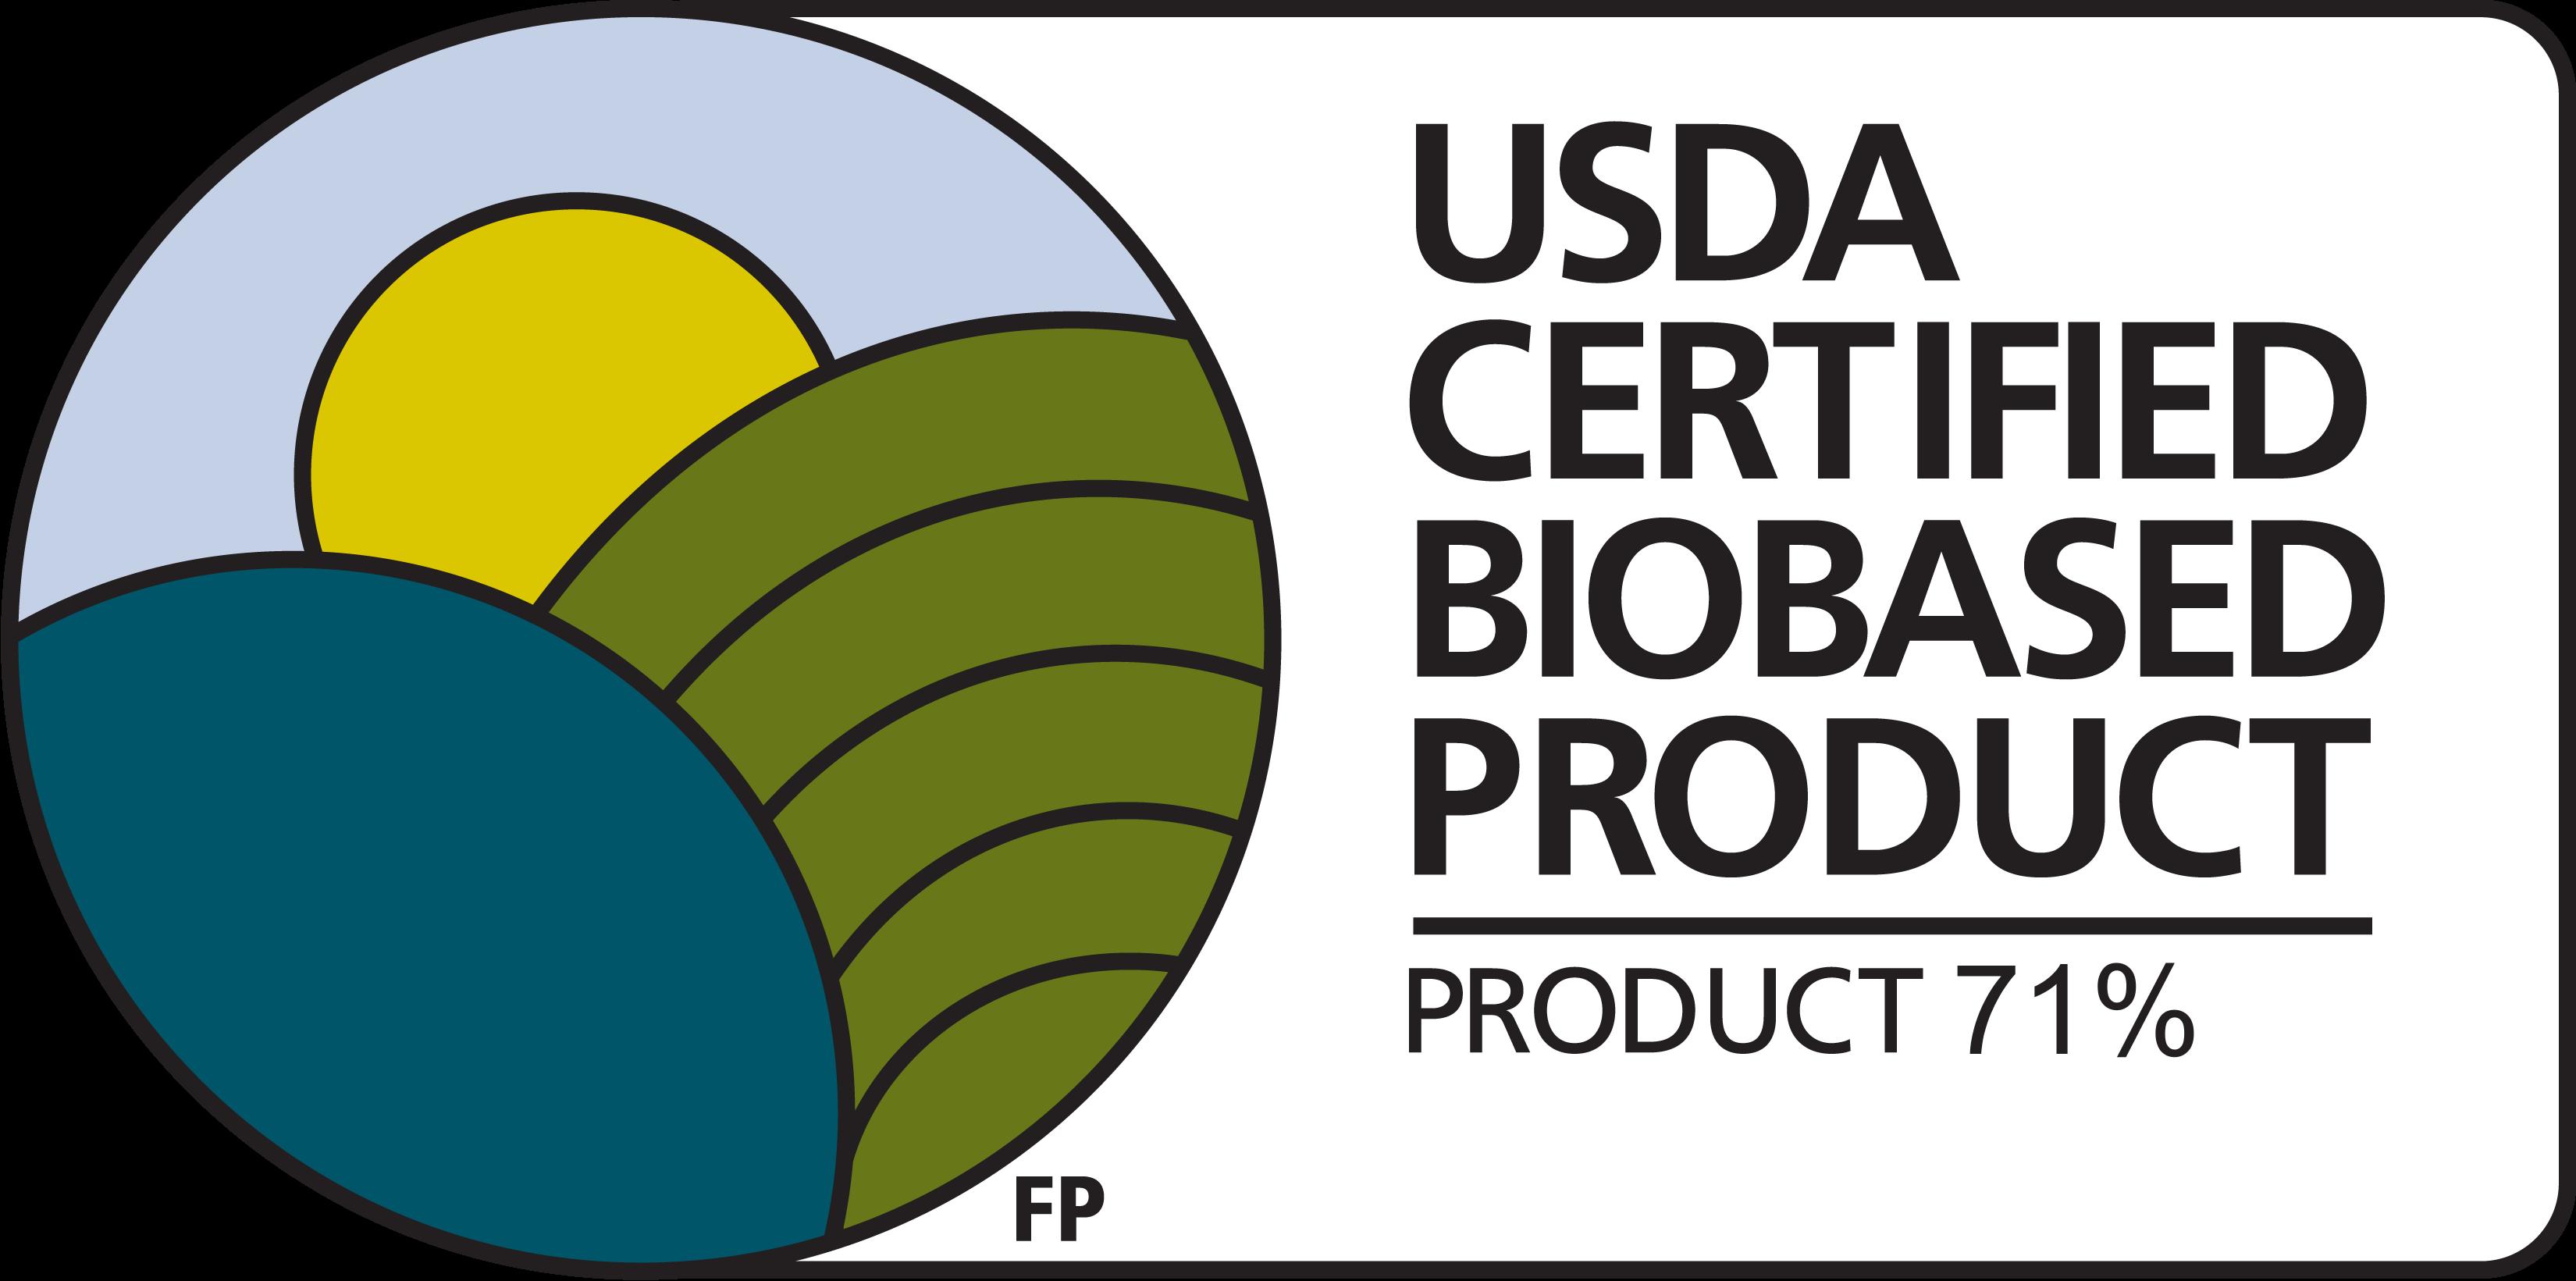 USDA_Certified_71%